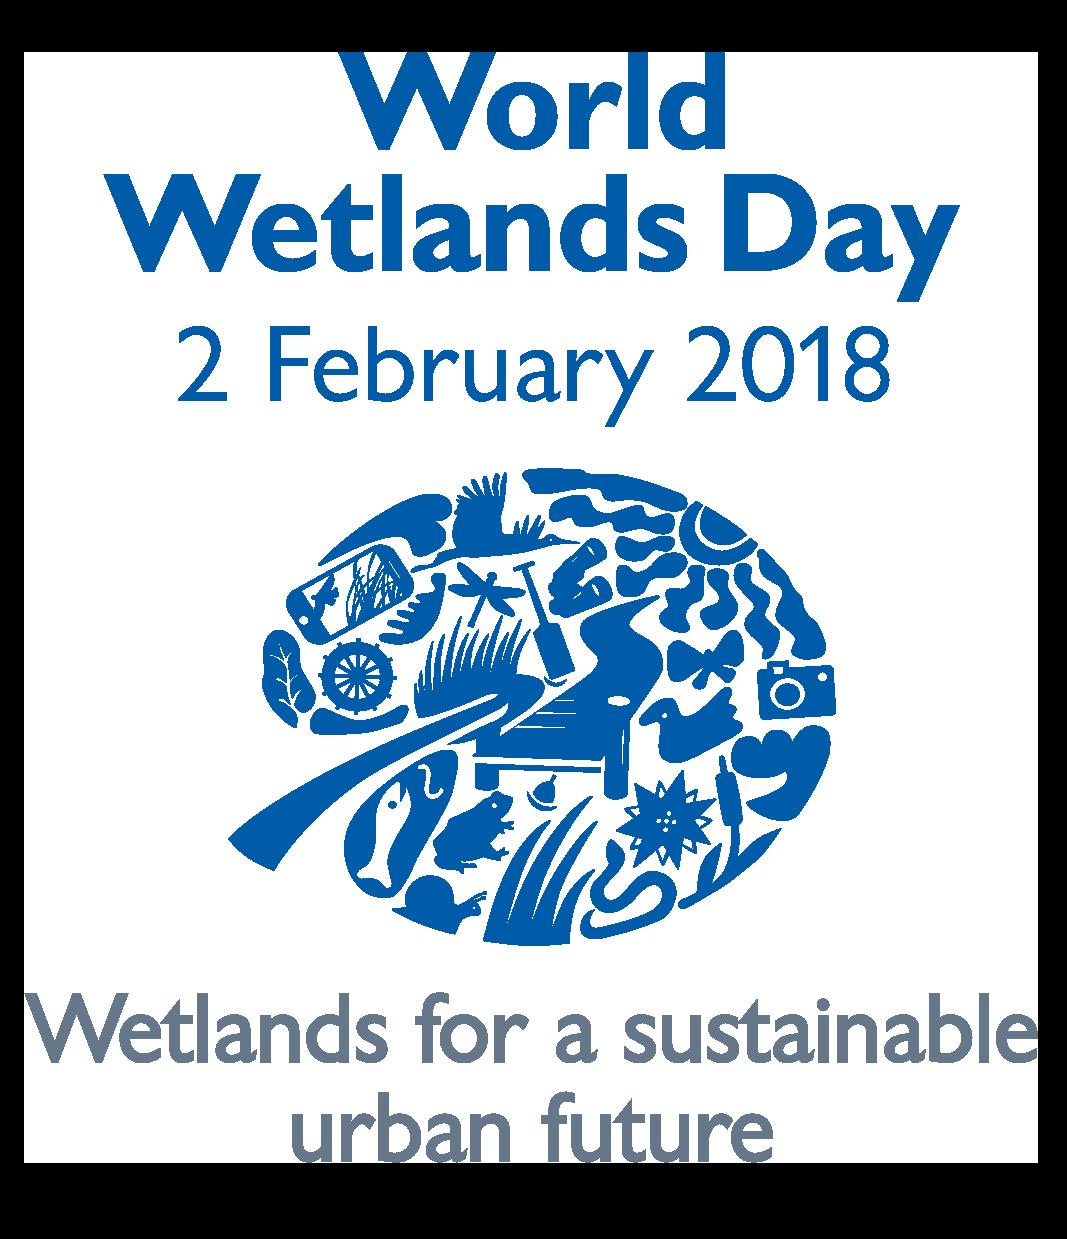 உலக ஈர நில தினம் (World Wetlands Day 2018)